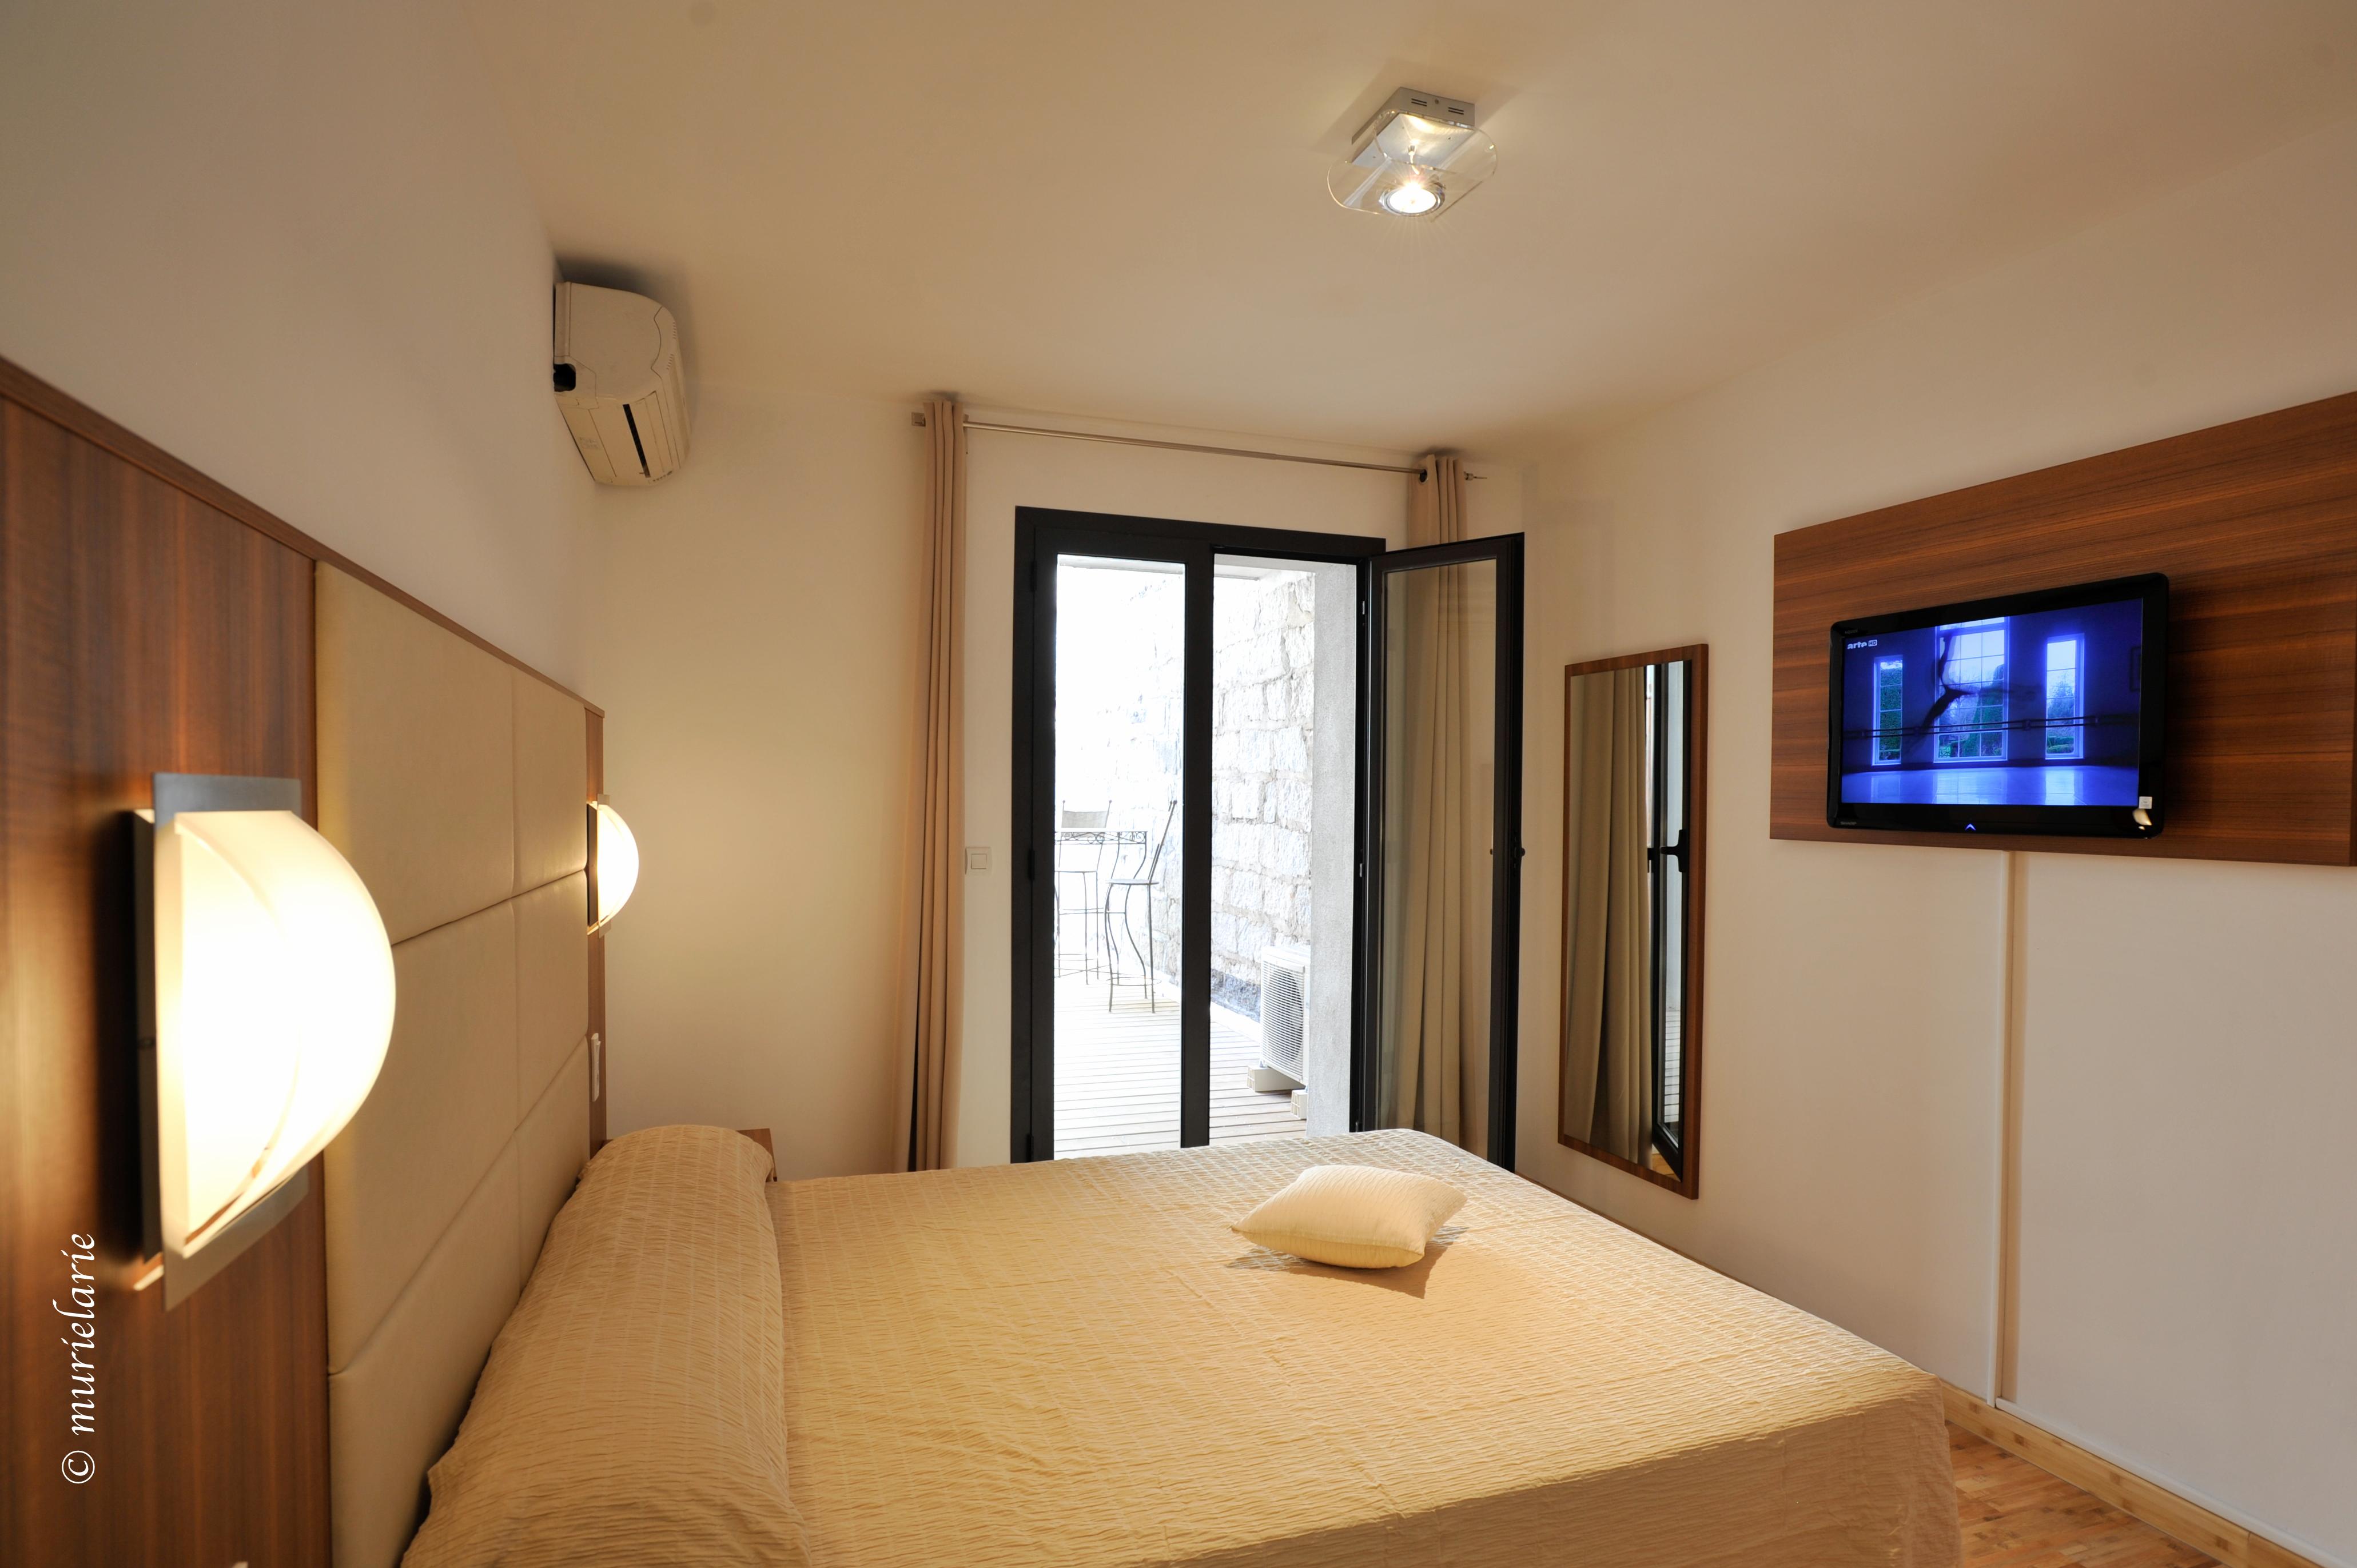 Residence hoteliere en aparte appart 39 h tels porto vecchio for Appart hotel porto vecchio